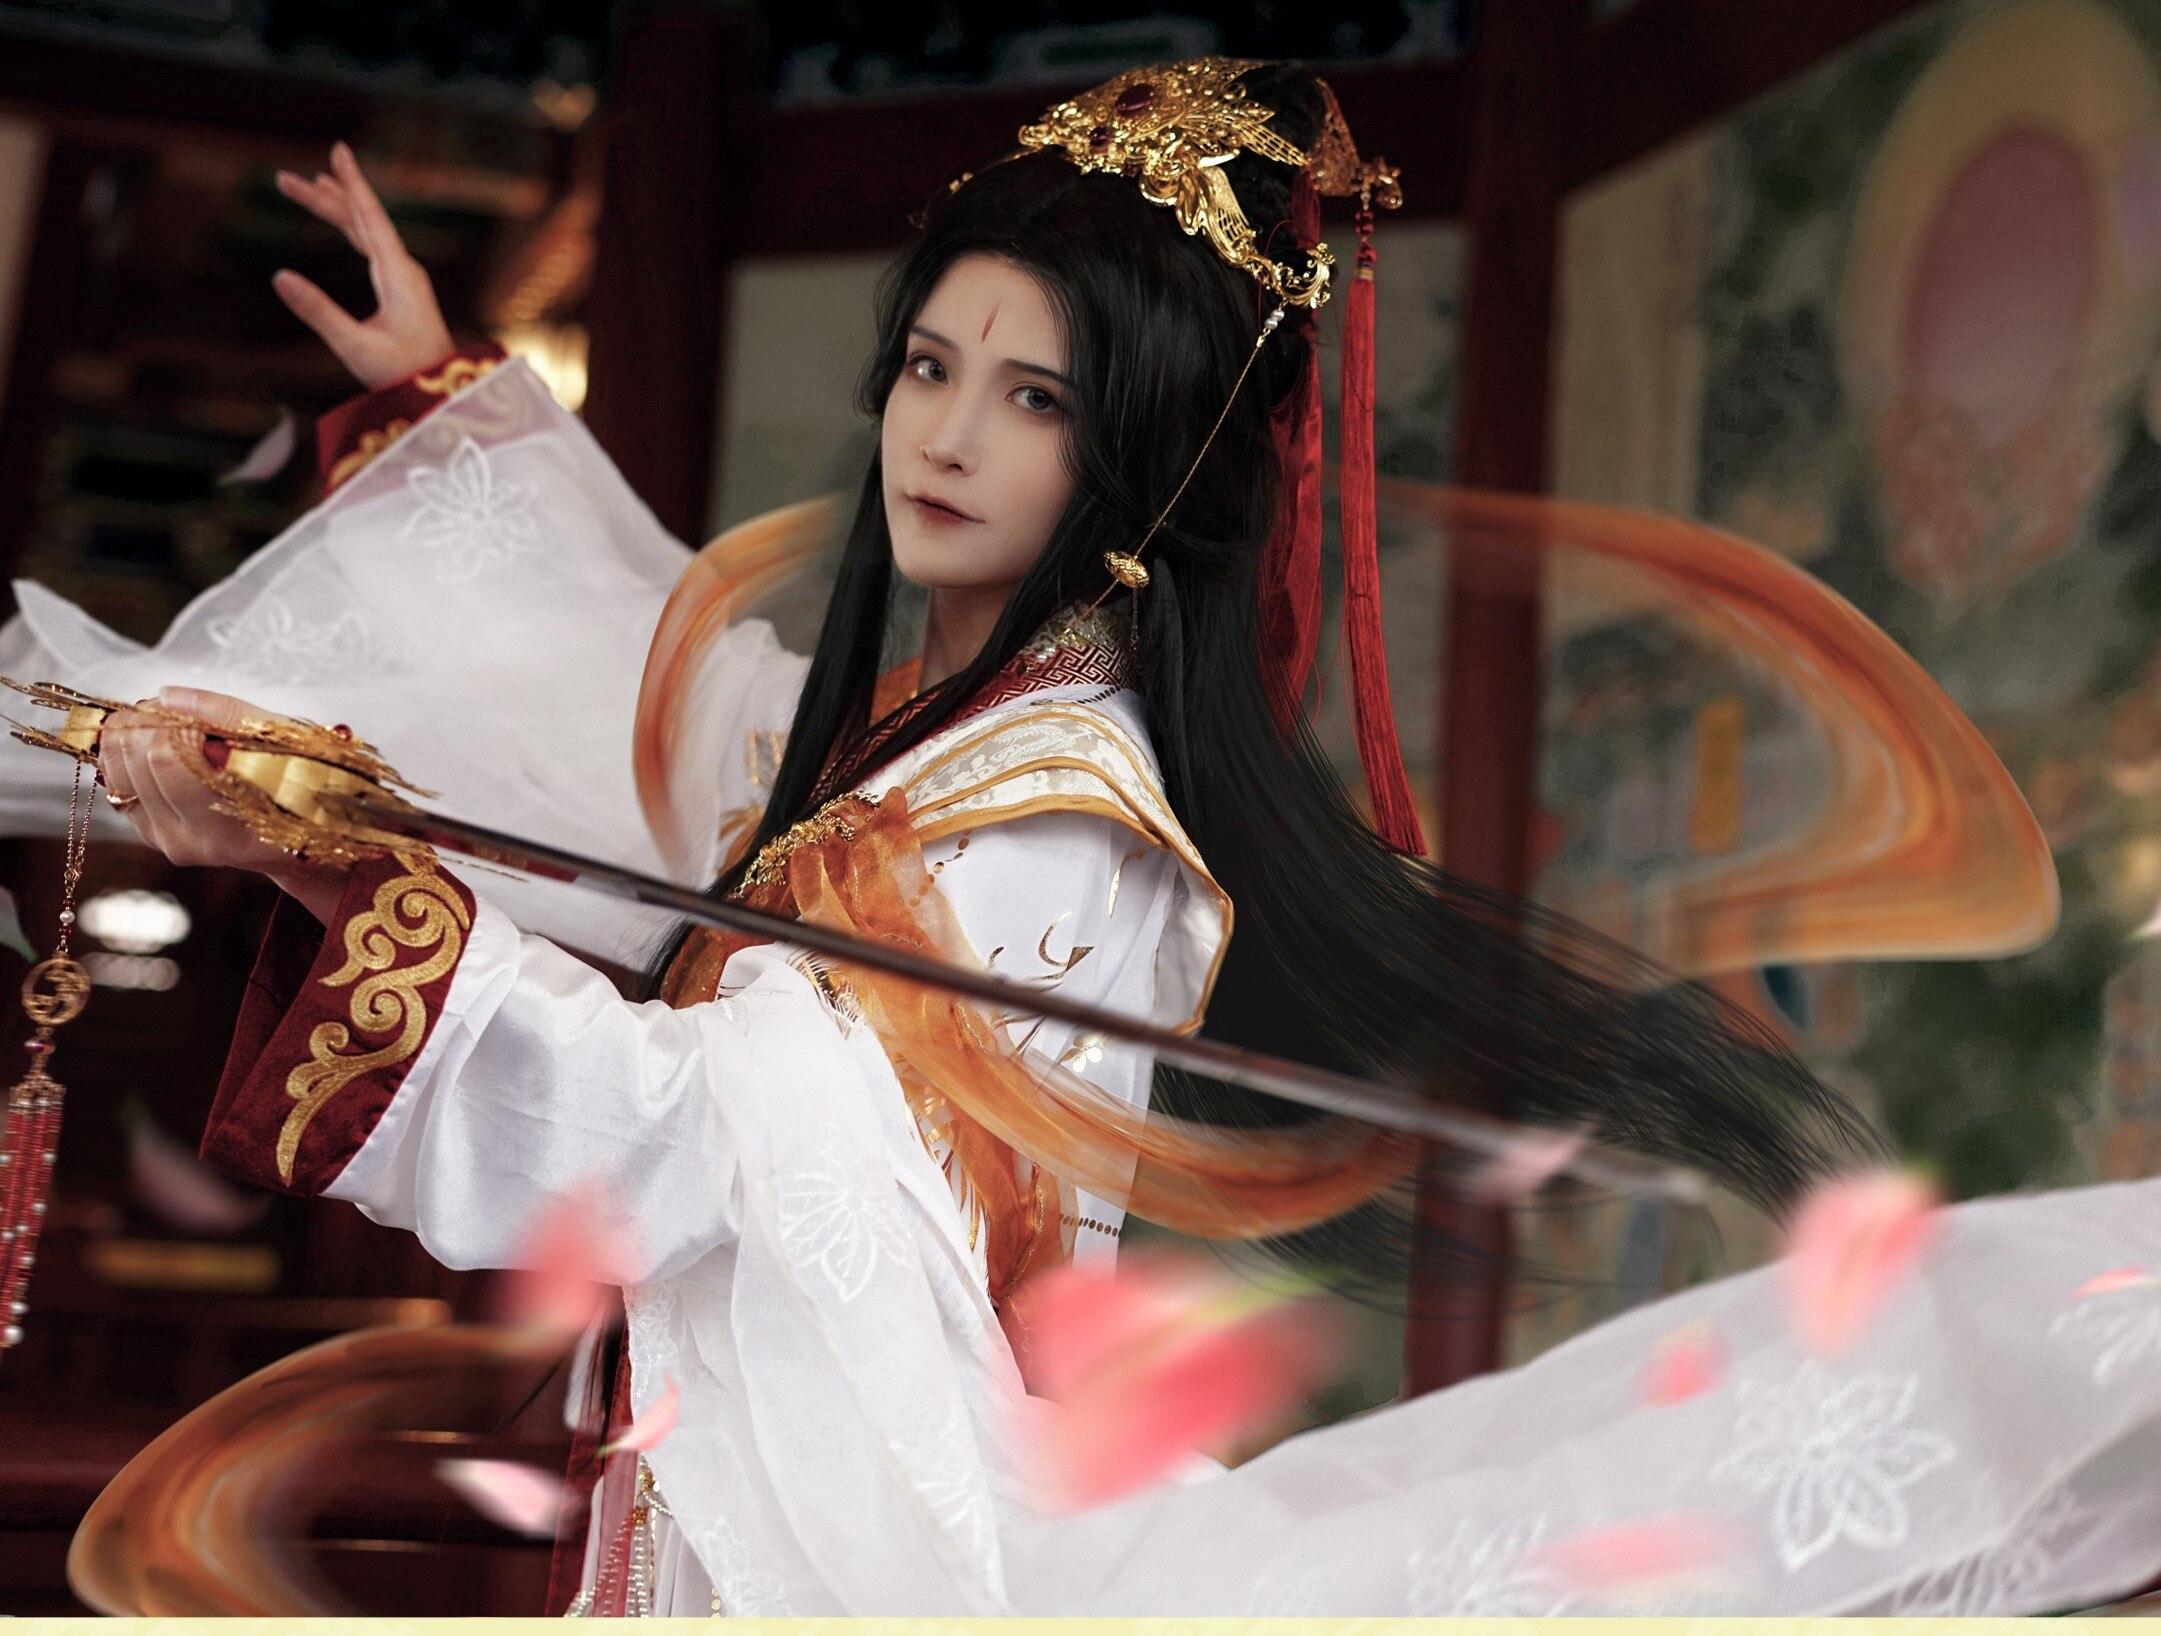 Костюм Принца юэшена, белого и золотого цвета, Костюм Принца ханьфу для аниме «небеса», официальное благословение, Cos Xie Lian, комплект аксессу